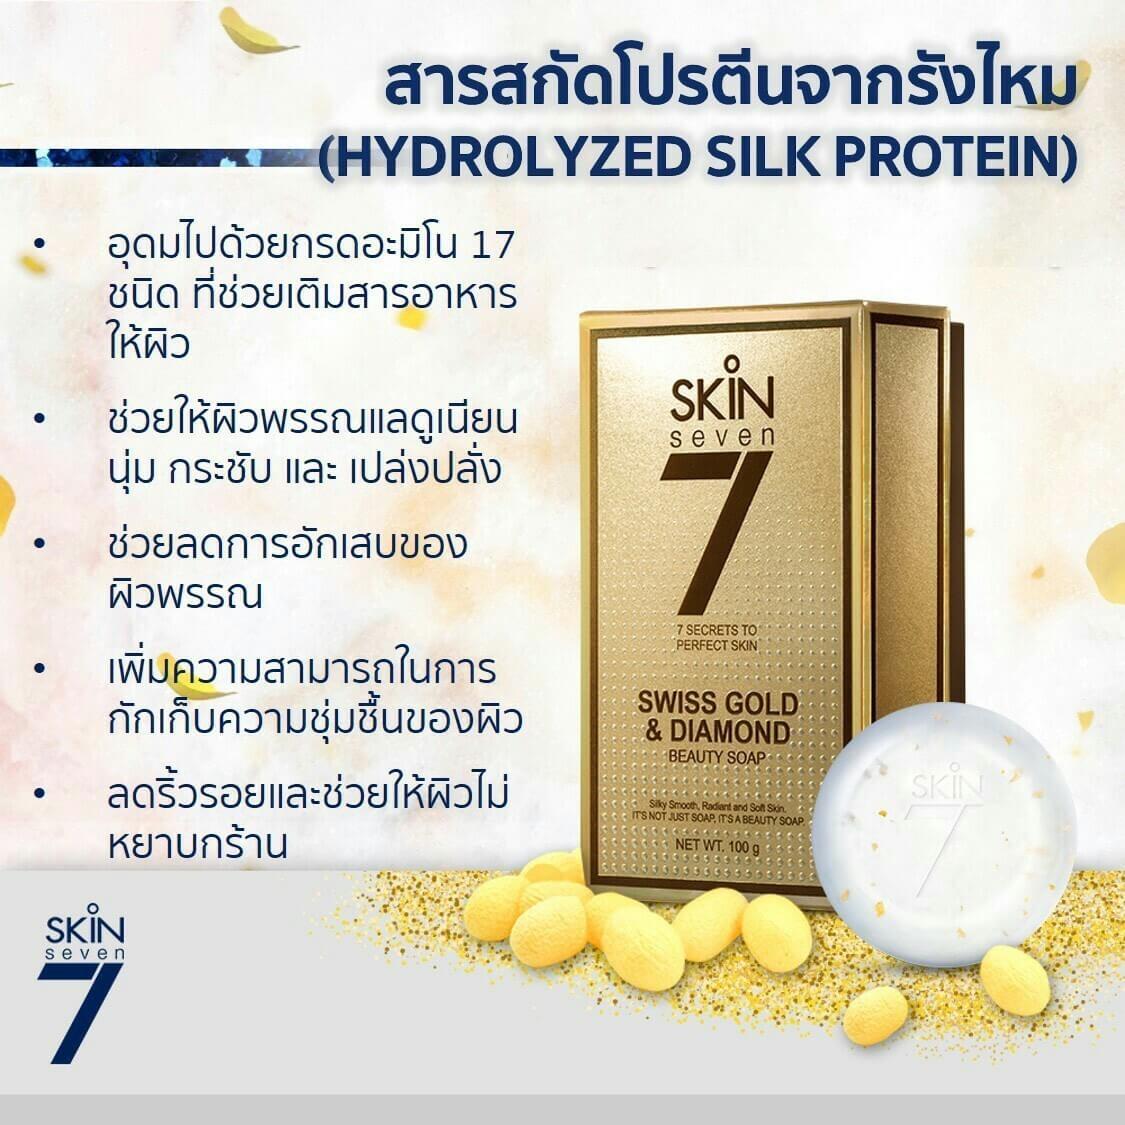 ส�ู�skin seven, skin 7, ส�ู�skin7 �ั�ทิ�, ส�ู�ส�ิ�เ�เว��